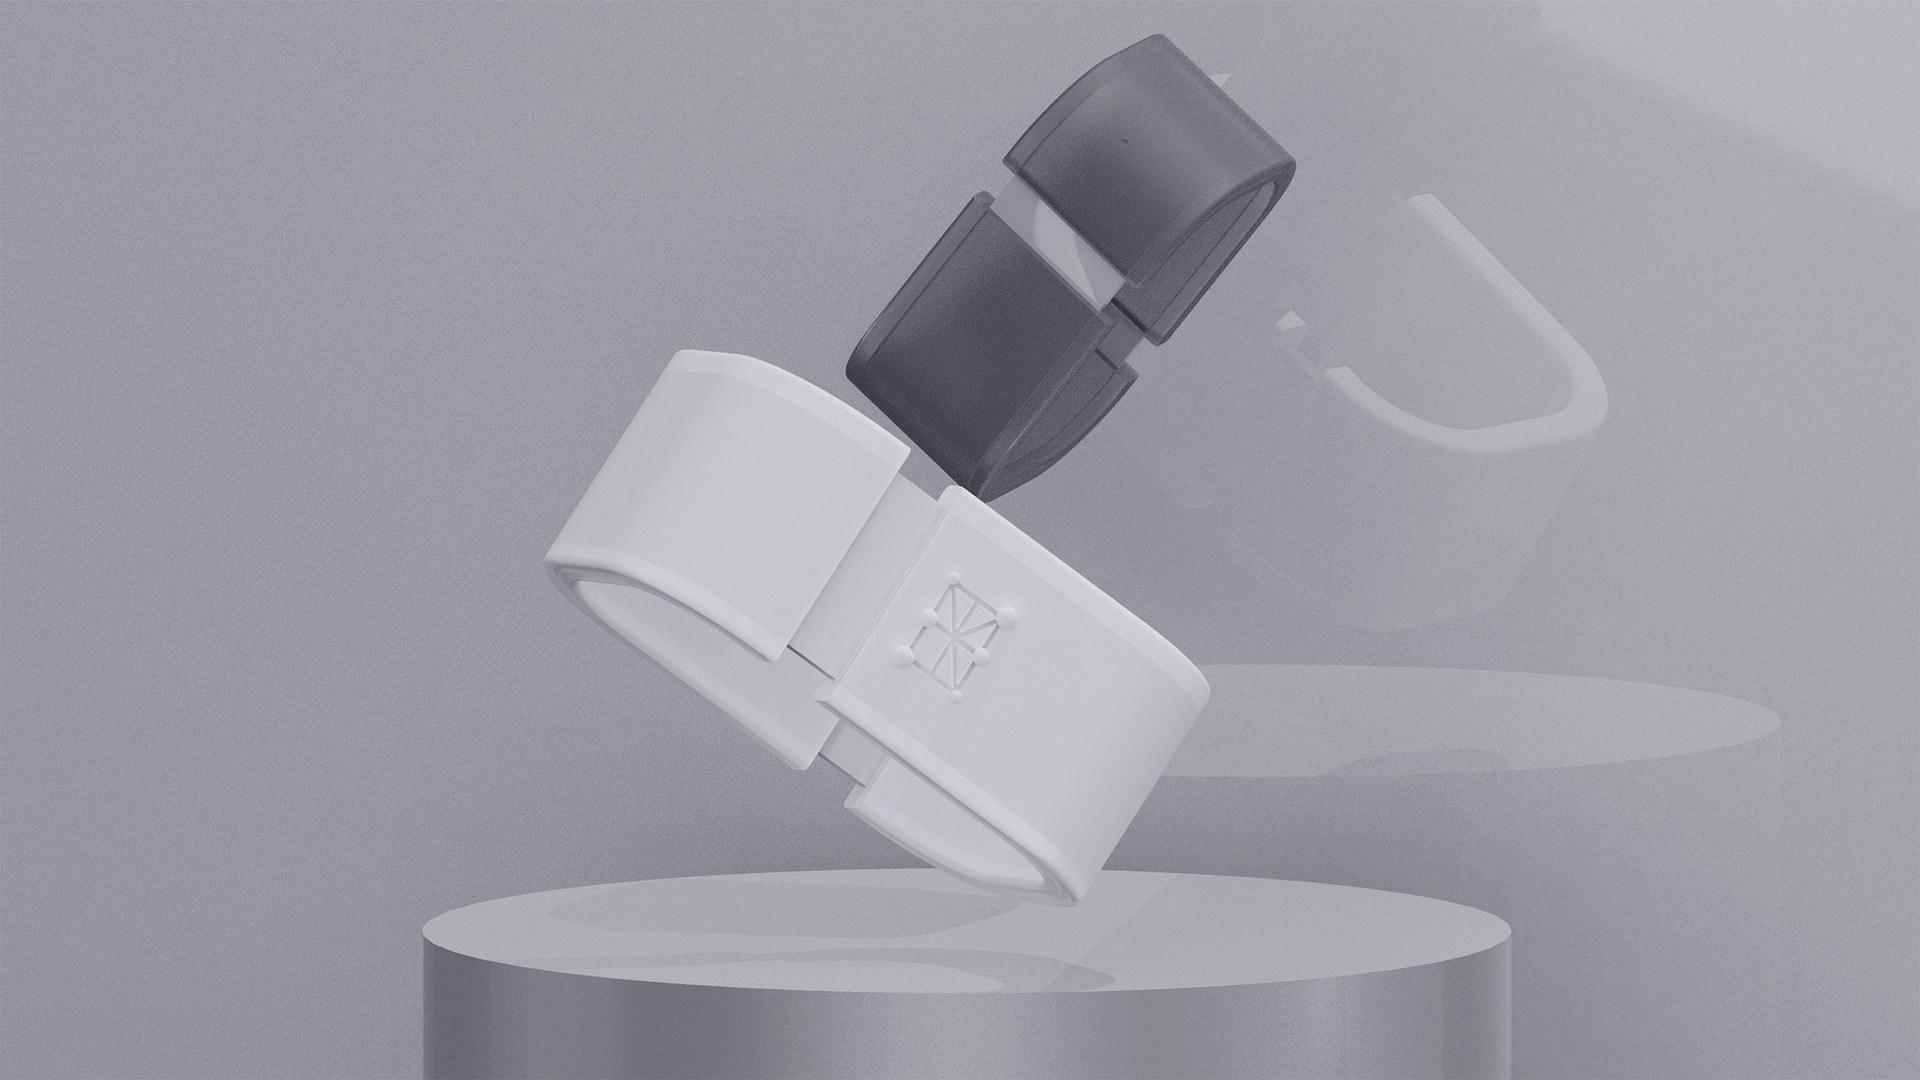 Moception Wrist-worn Wearable